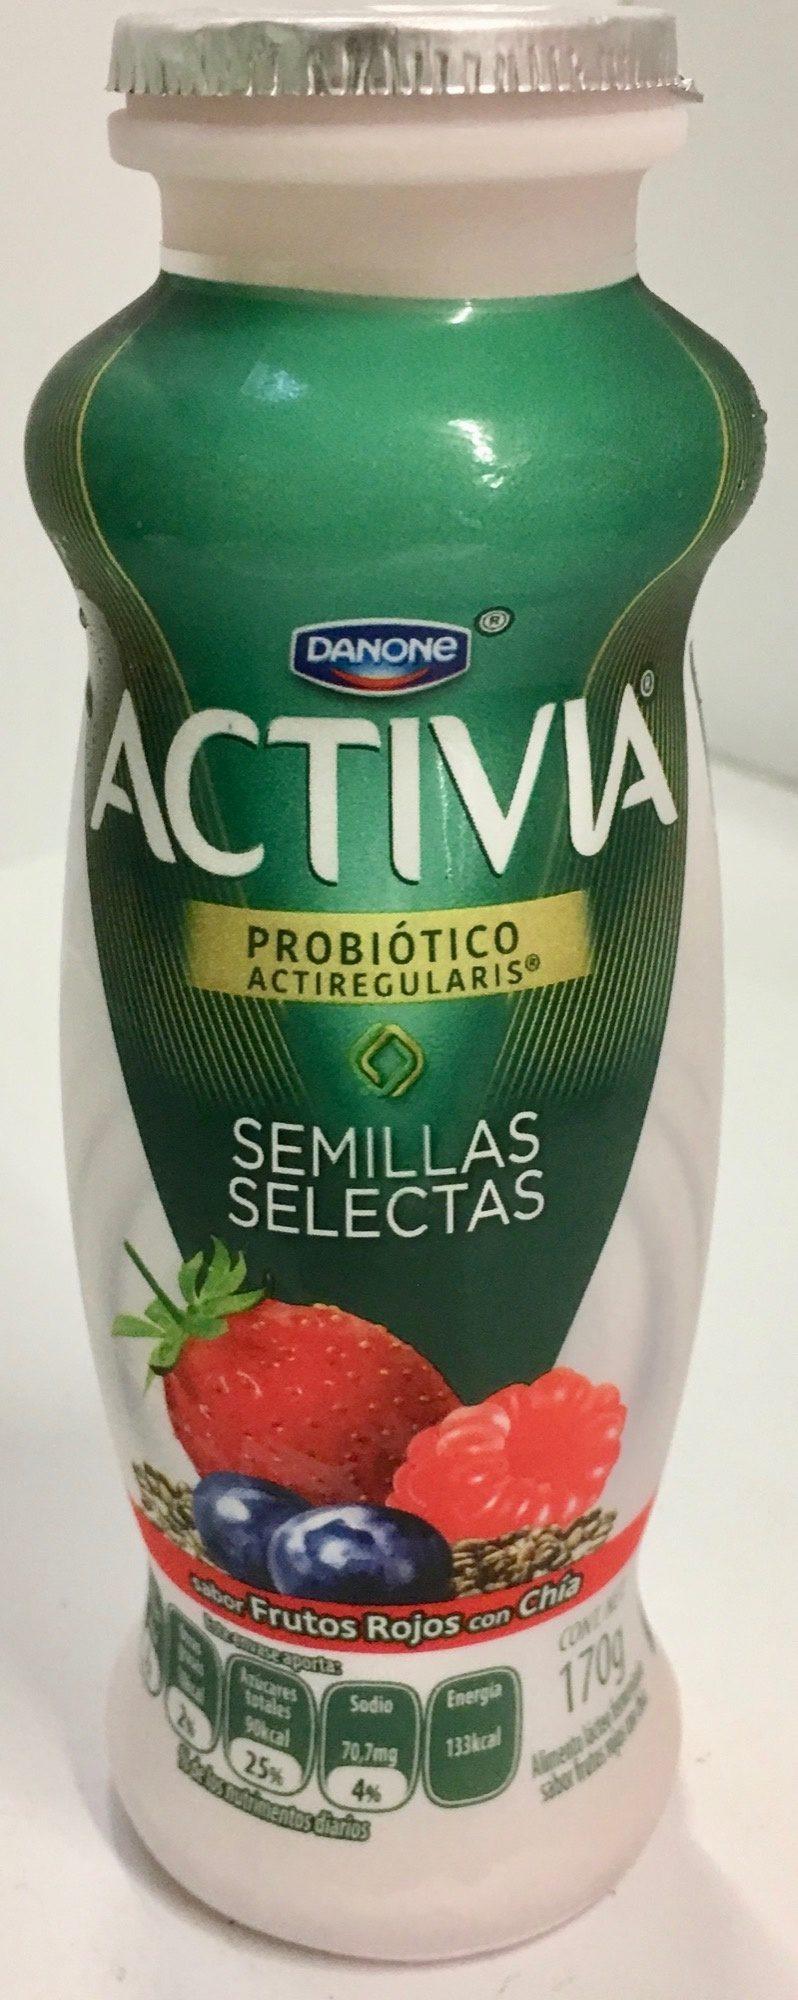 Activia Semillas Selectas Danone - Product